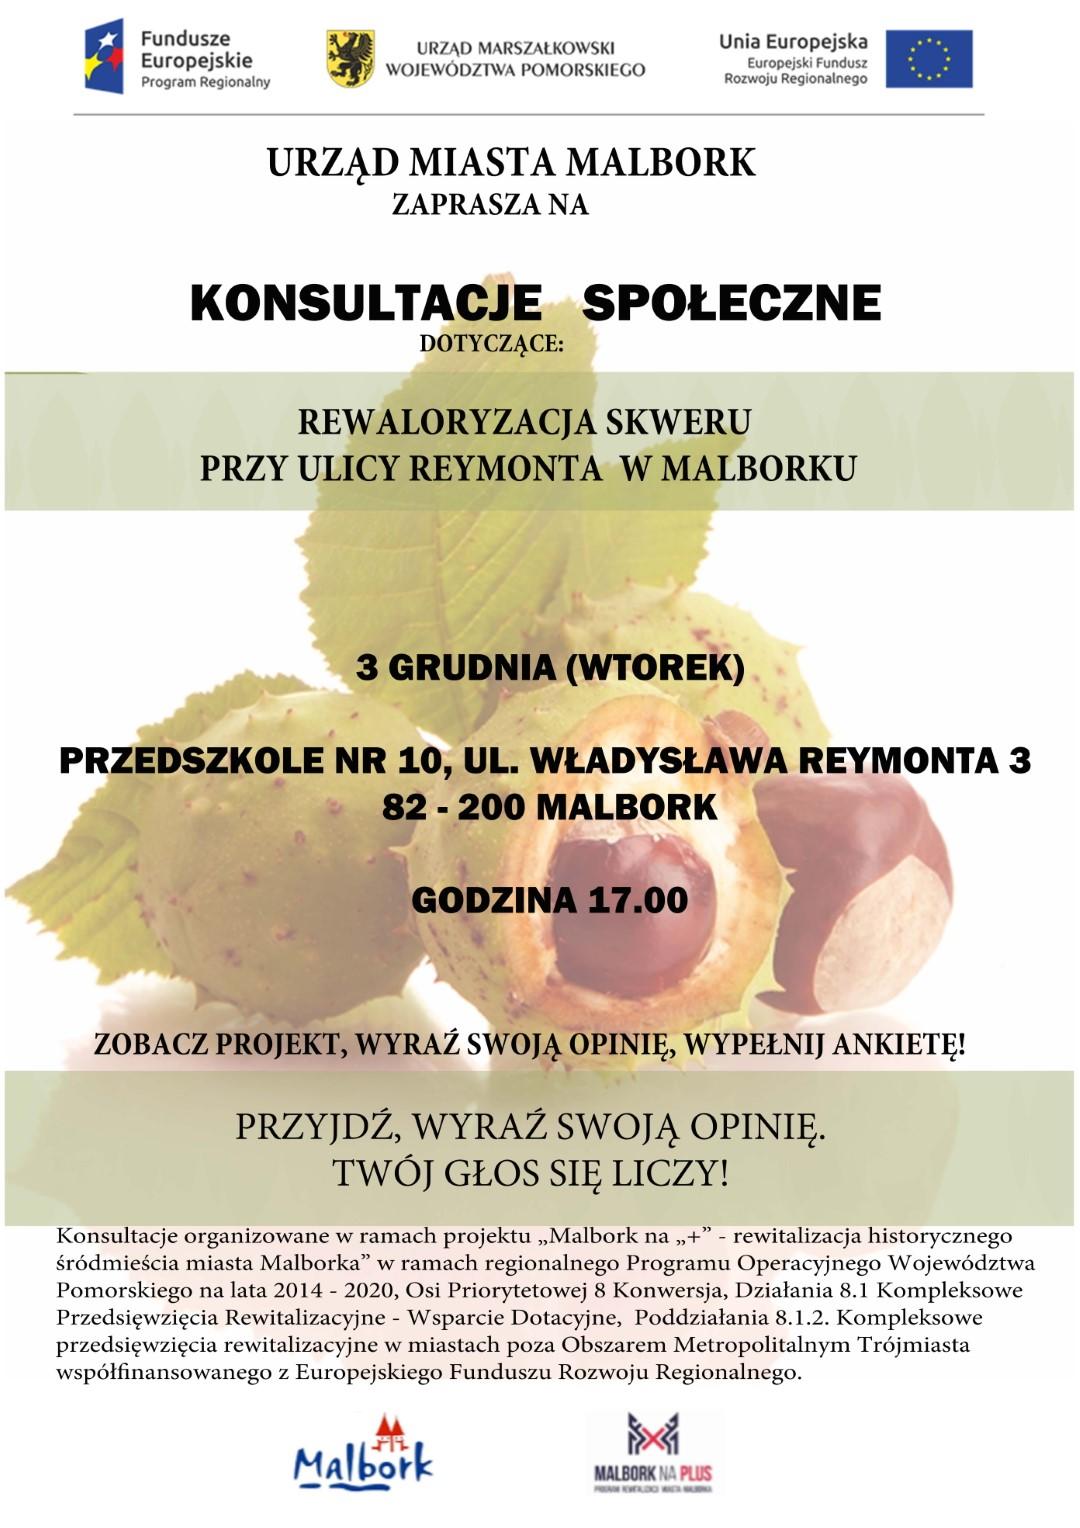 http://m.82-200.pl/2019/11/orig/plakat-1-5262.jpg